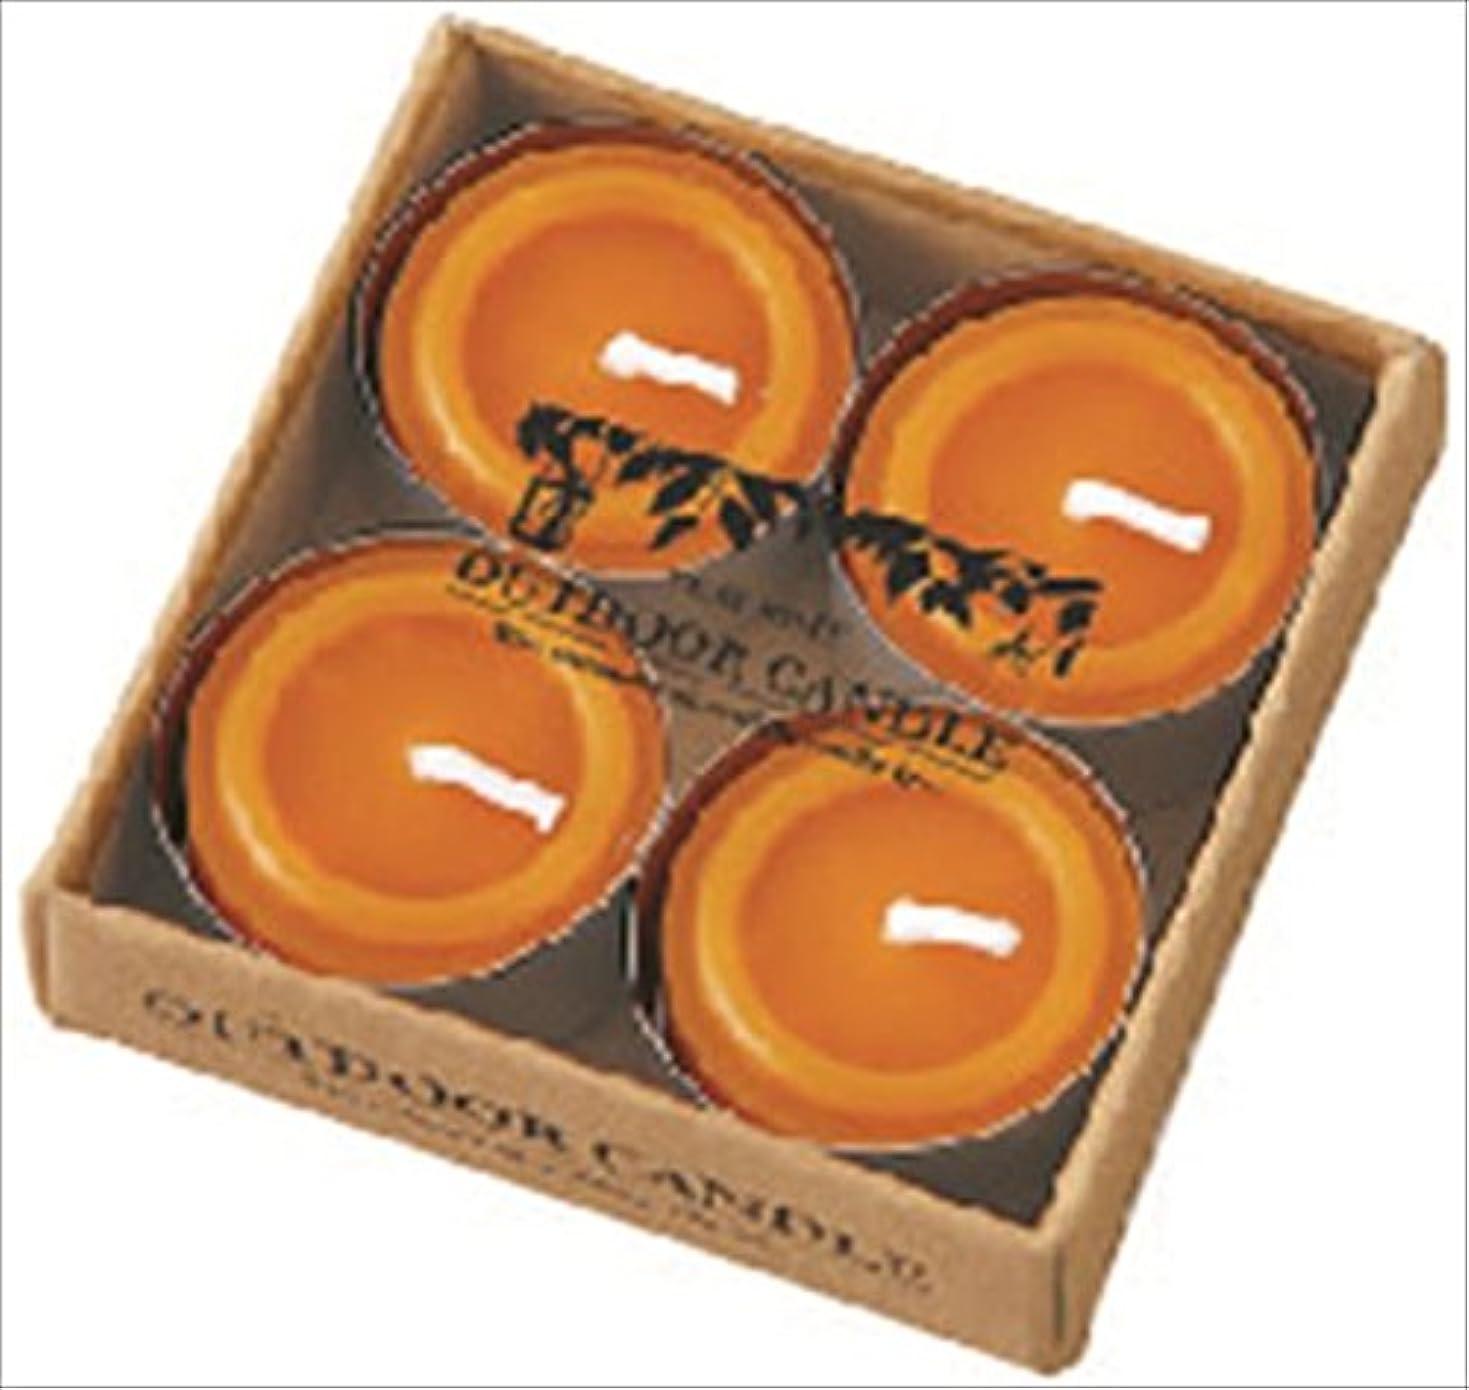 容量人工的なイタリックカメヤマキャンドル( kameyama candle ) シトロネラティーライト4個入り A8590500